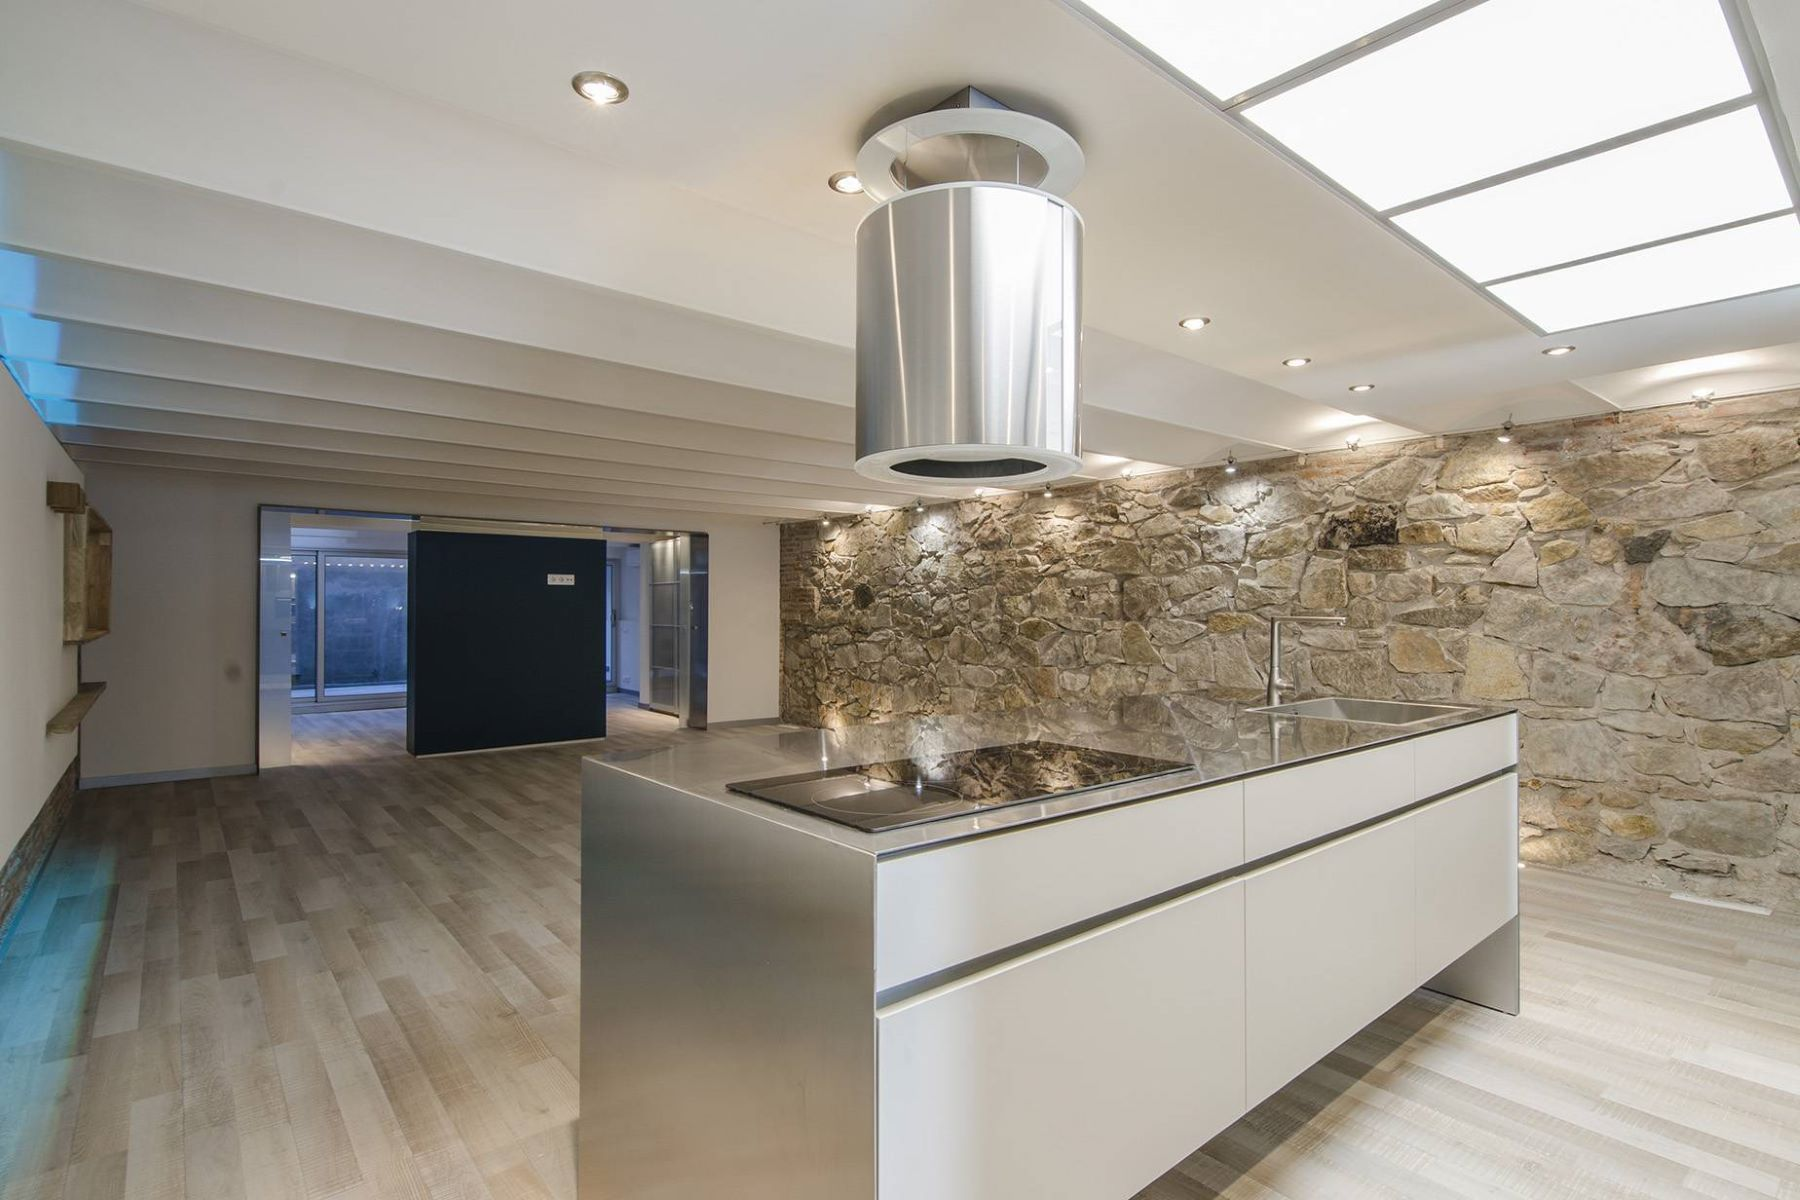 公寓 為 出售 在 Brand new apartment with terrace in Eixample Dret, Barcelona Barcelona City, Barcelona, 08007 西班牙